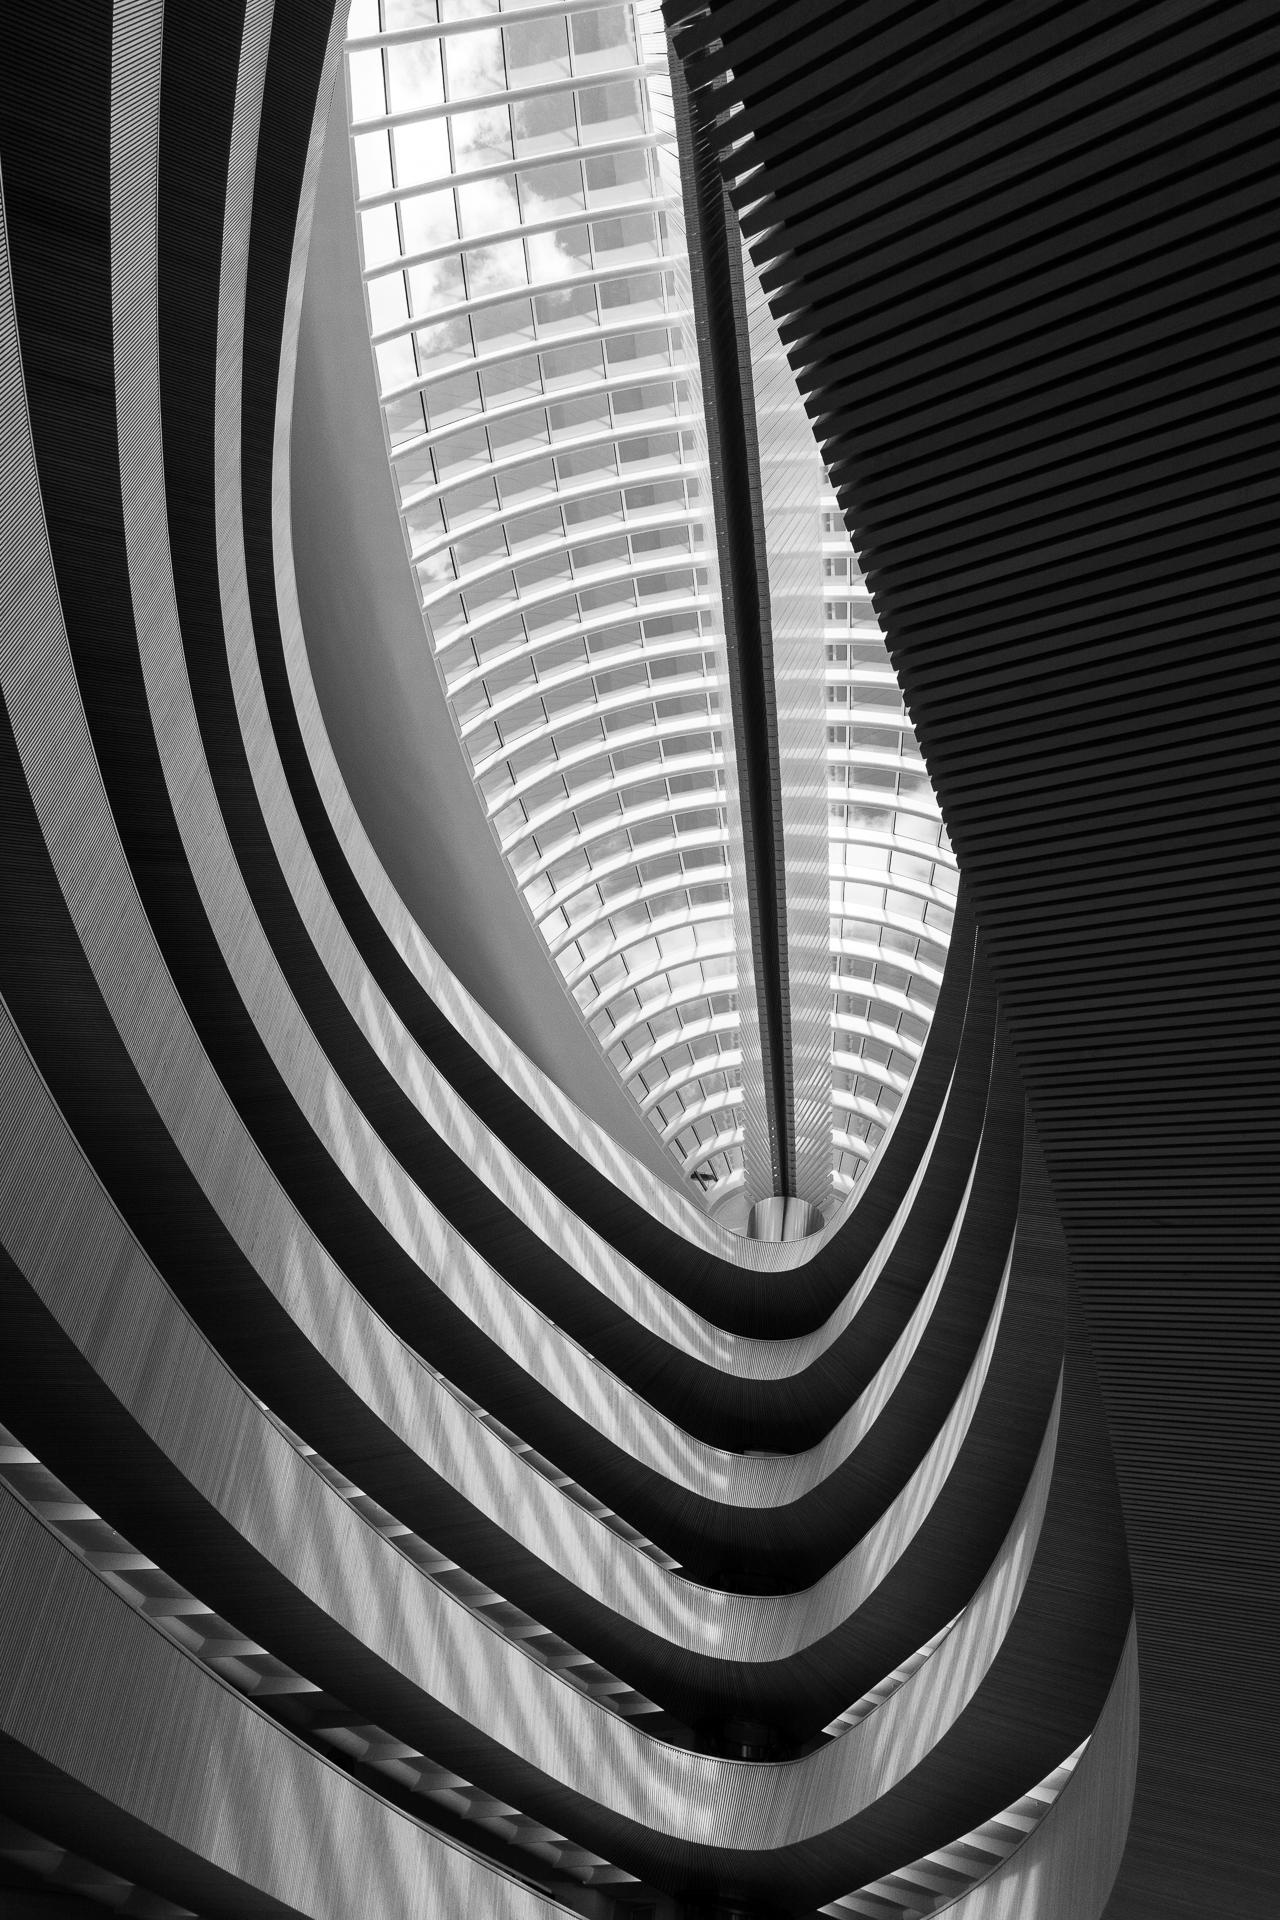 Santiago Calatrava / Bibliothek des Rechtswissenschaftlichen Instituts - Zürich